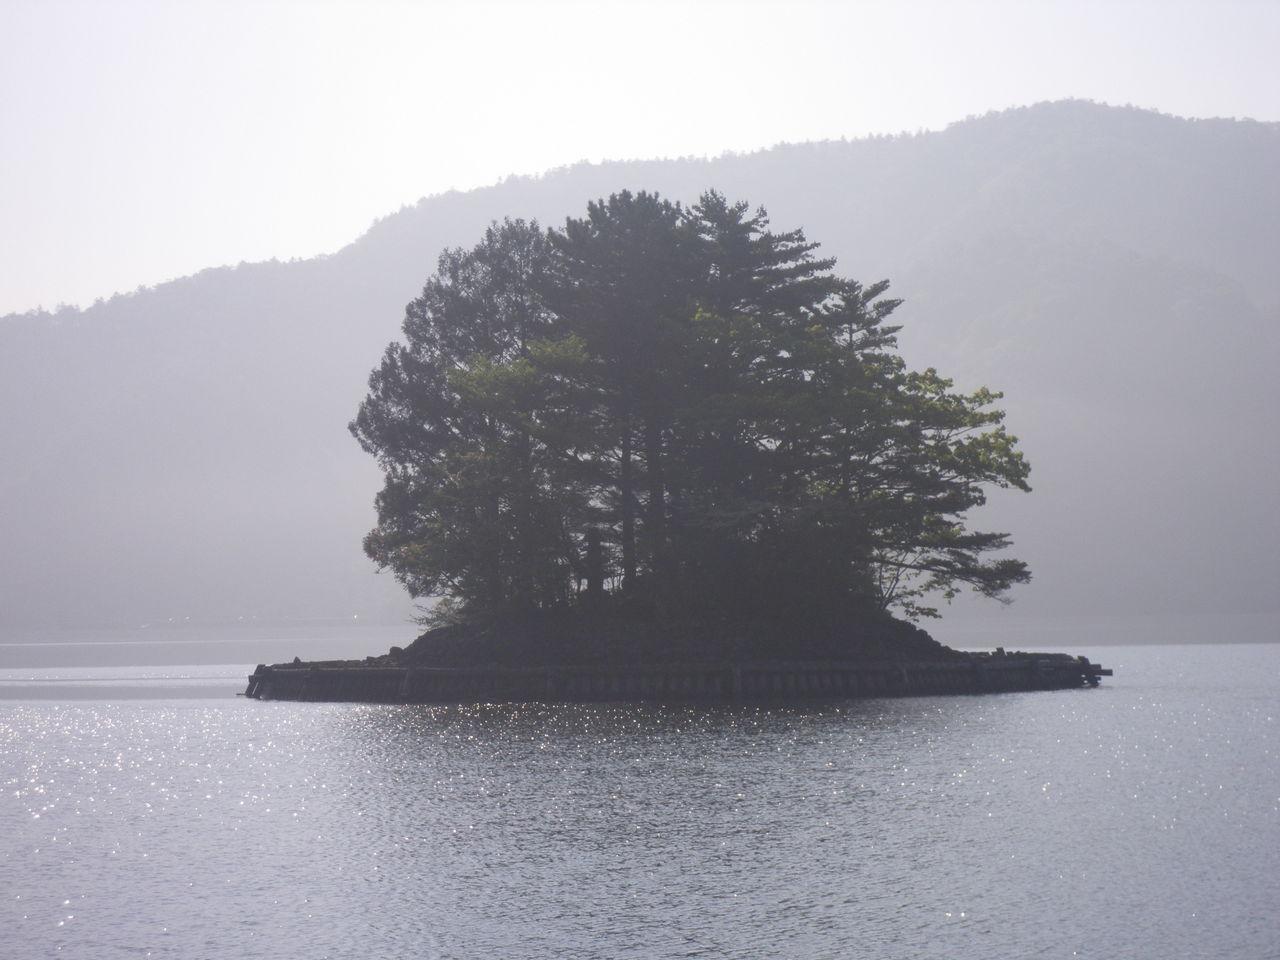 中禅寺温泉 ホテル湖上苑 ブログ                ホテル湖上苑